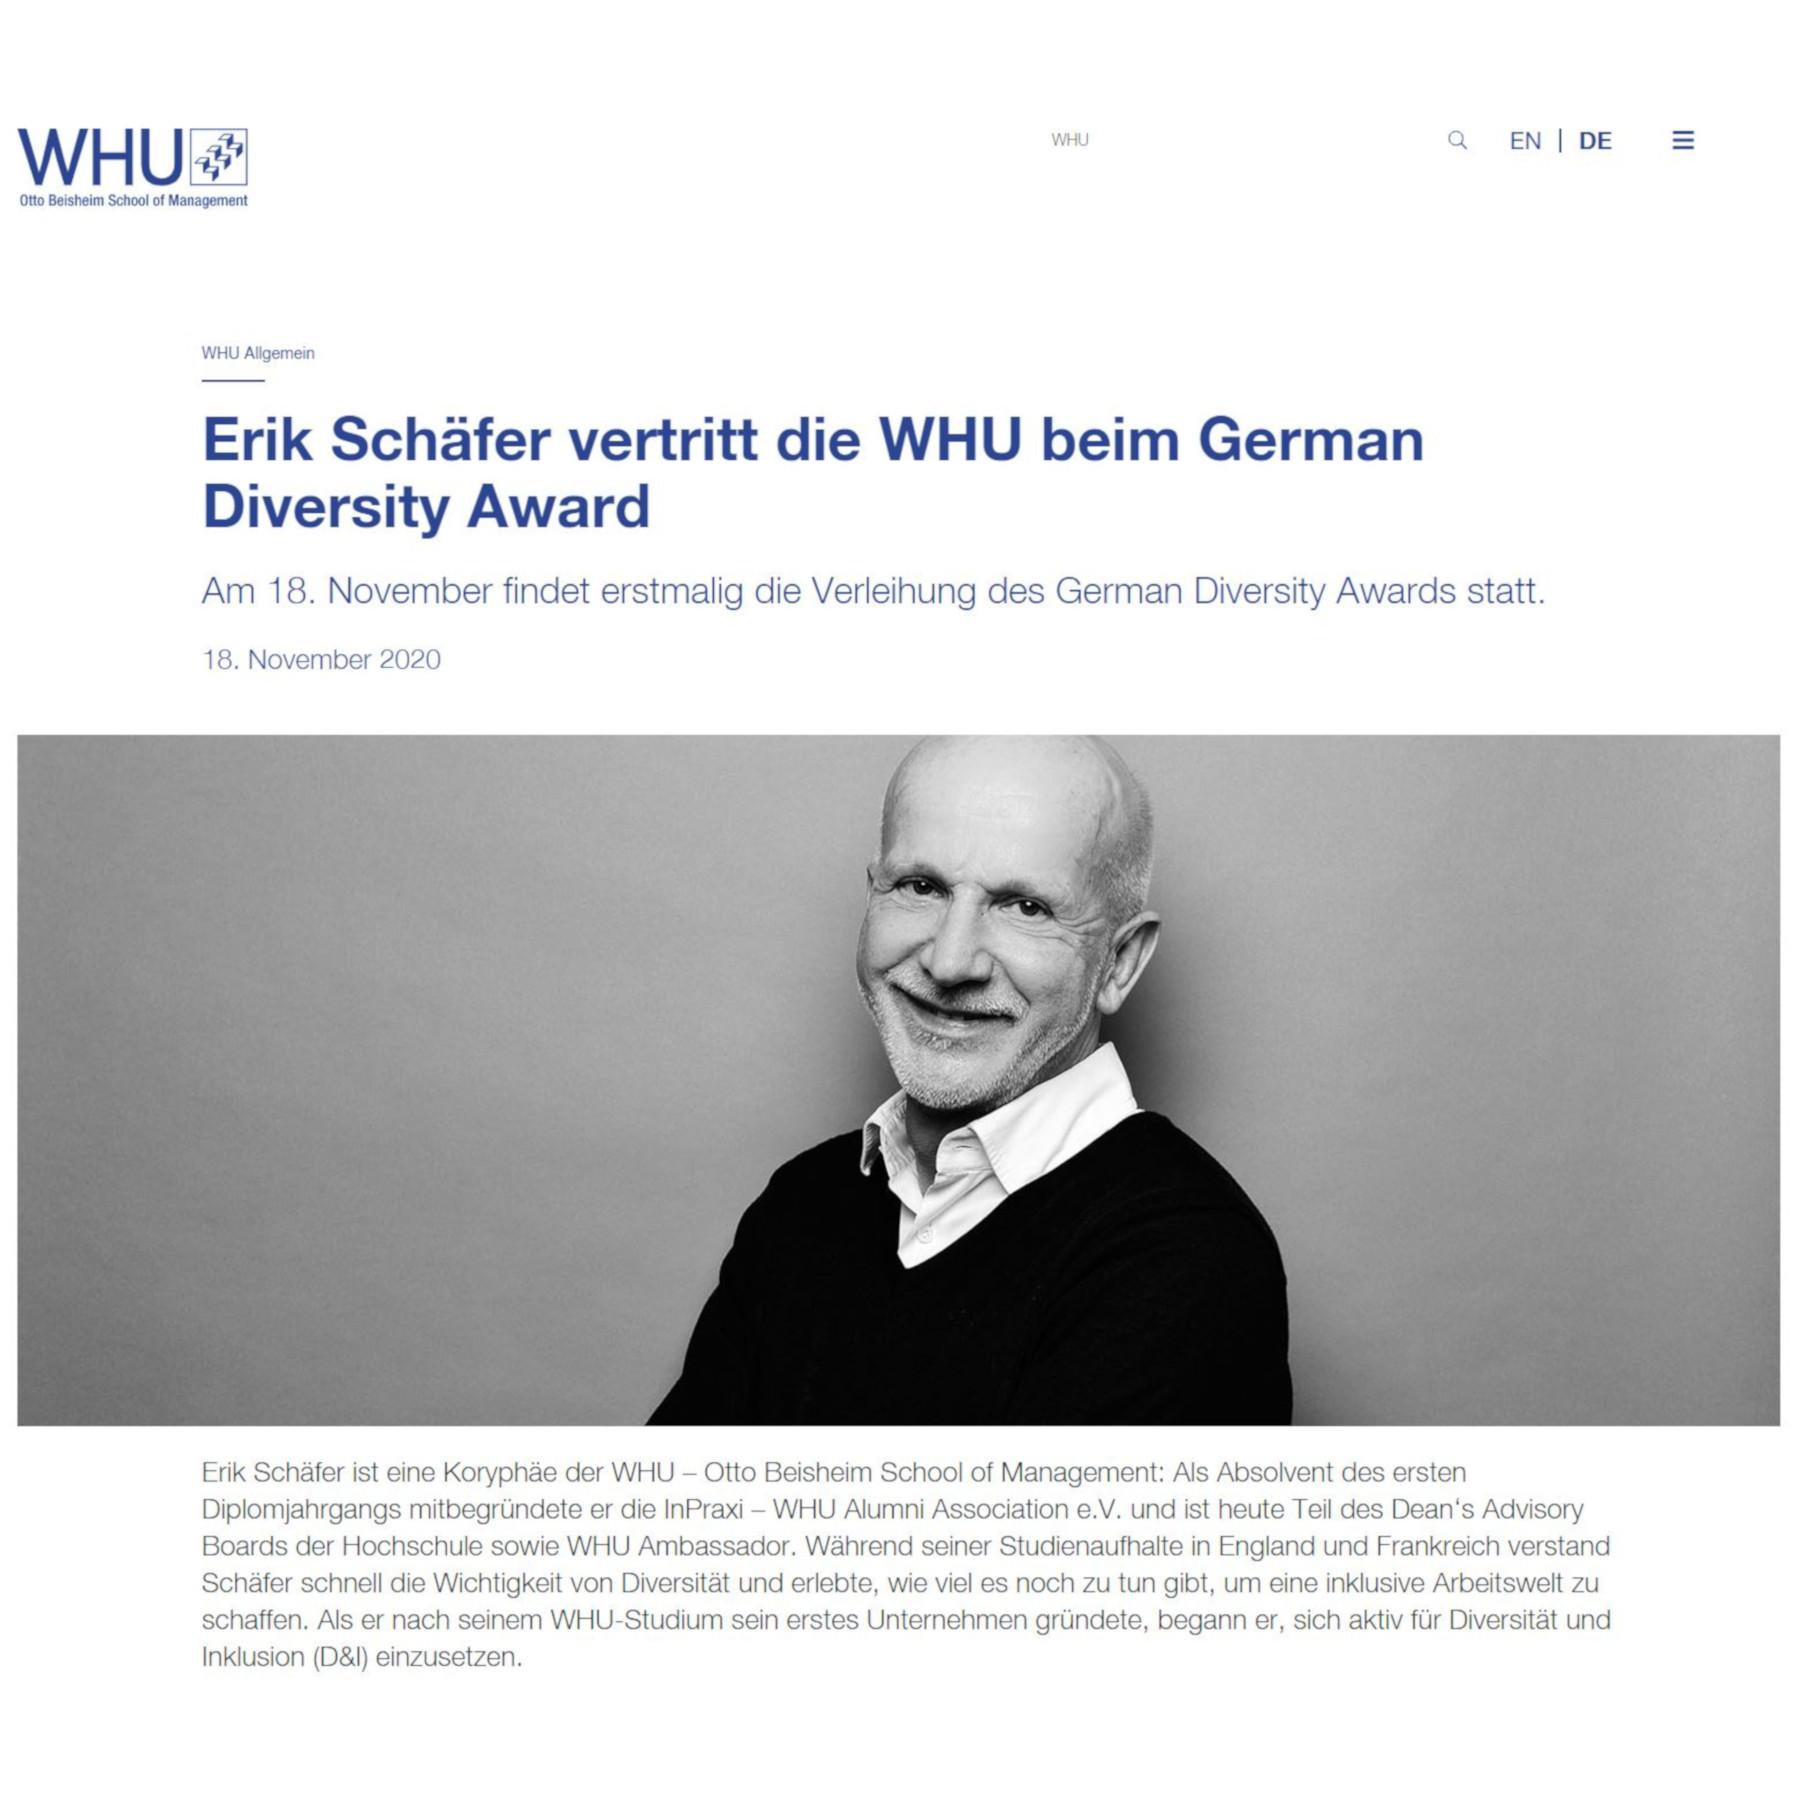 Erik Schaefer